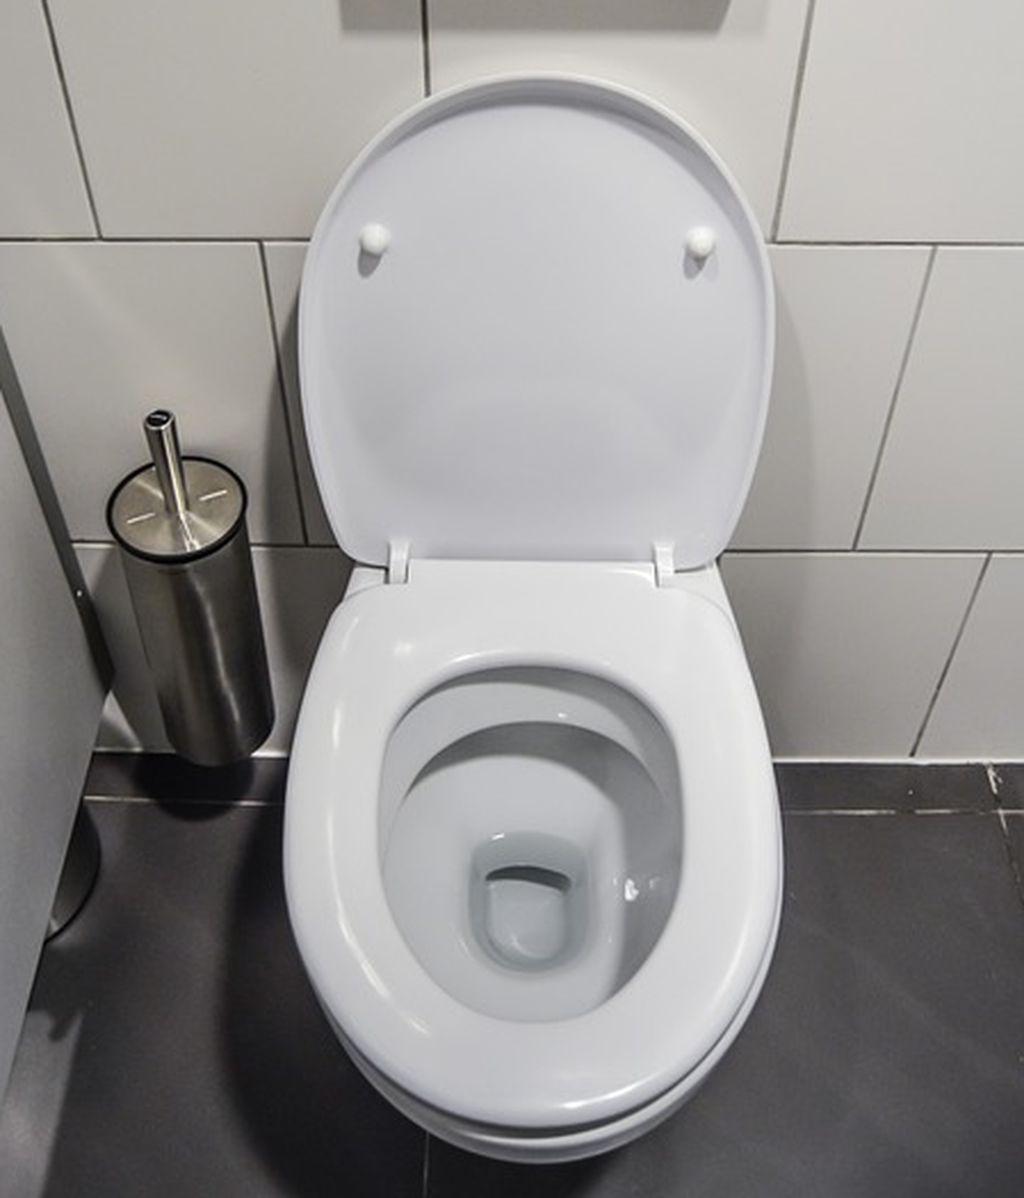 La razón por la que debes bajar la tapa del inodoro antes de tirar de la cadena